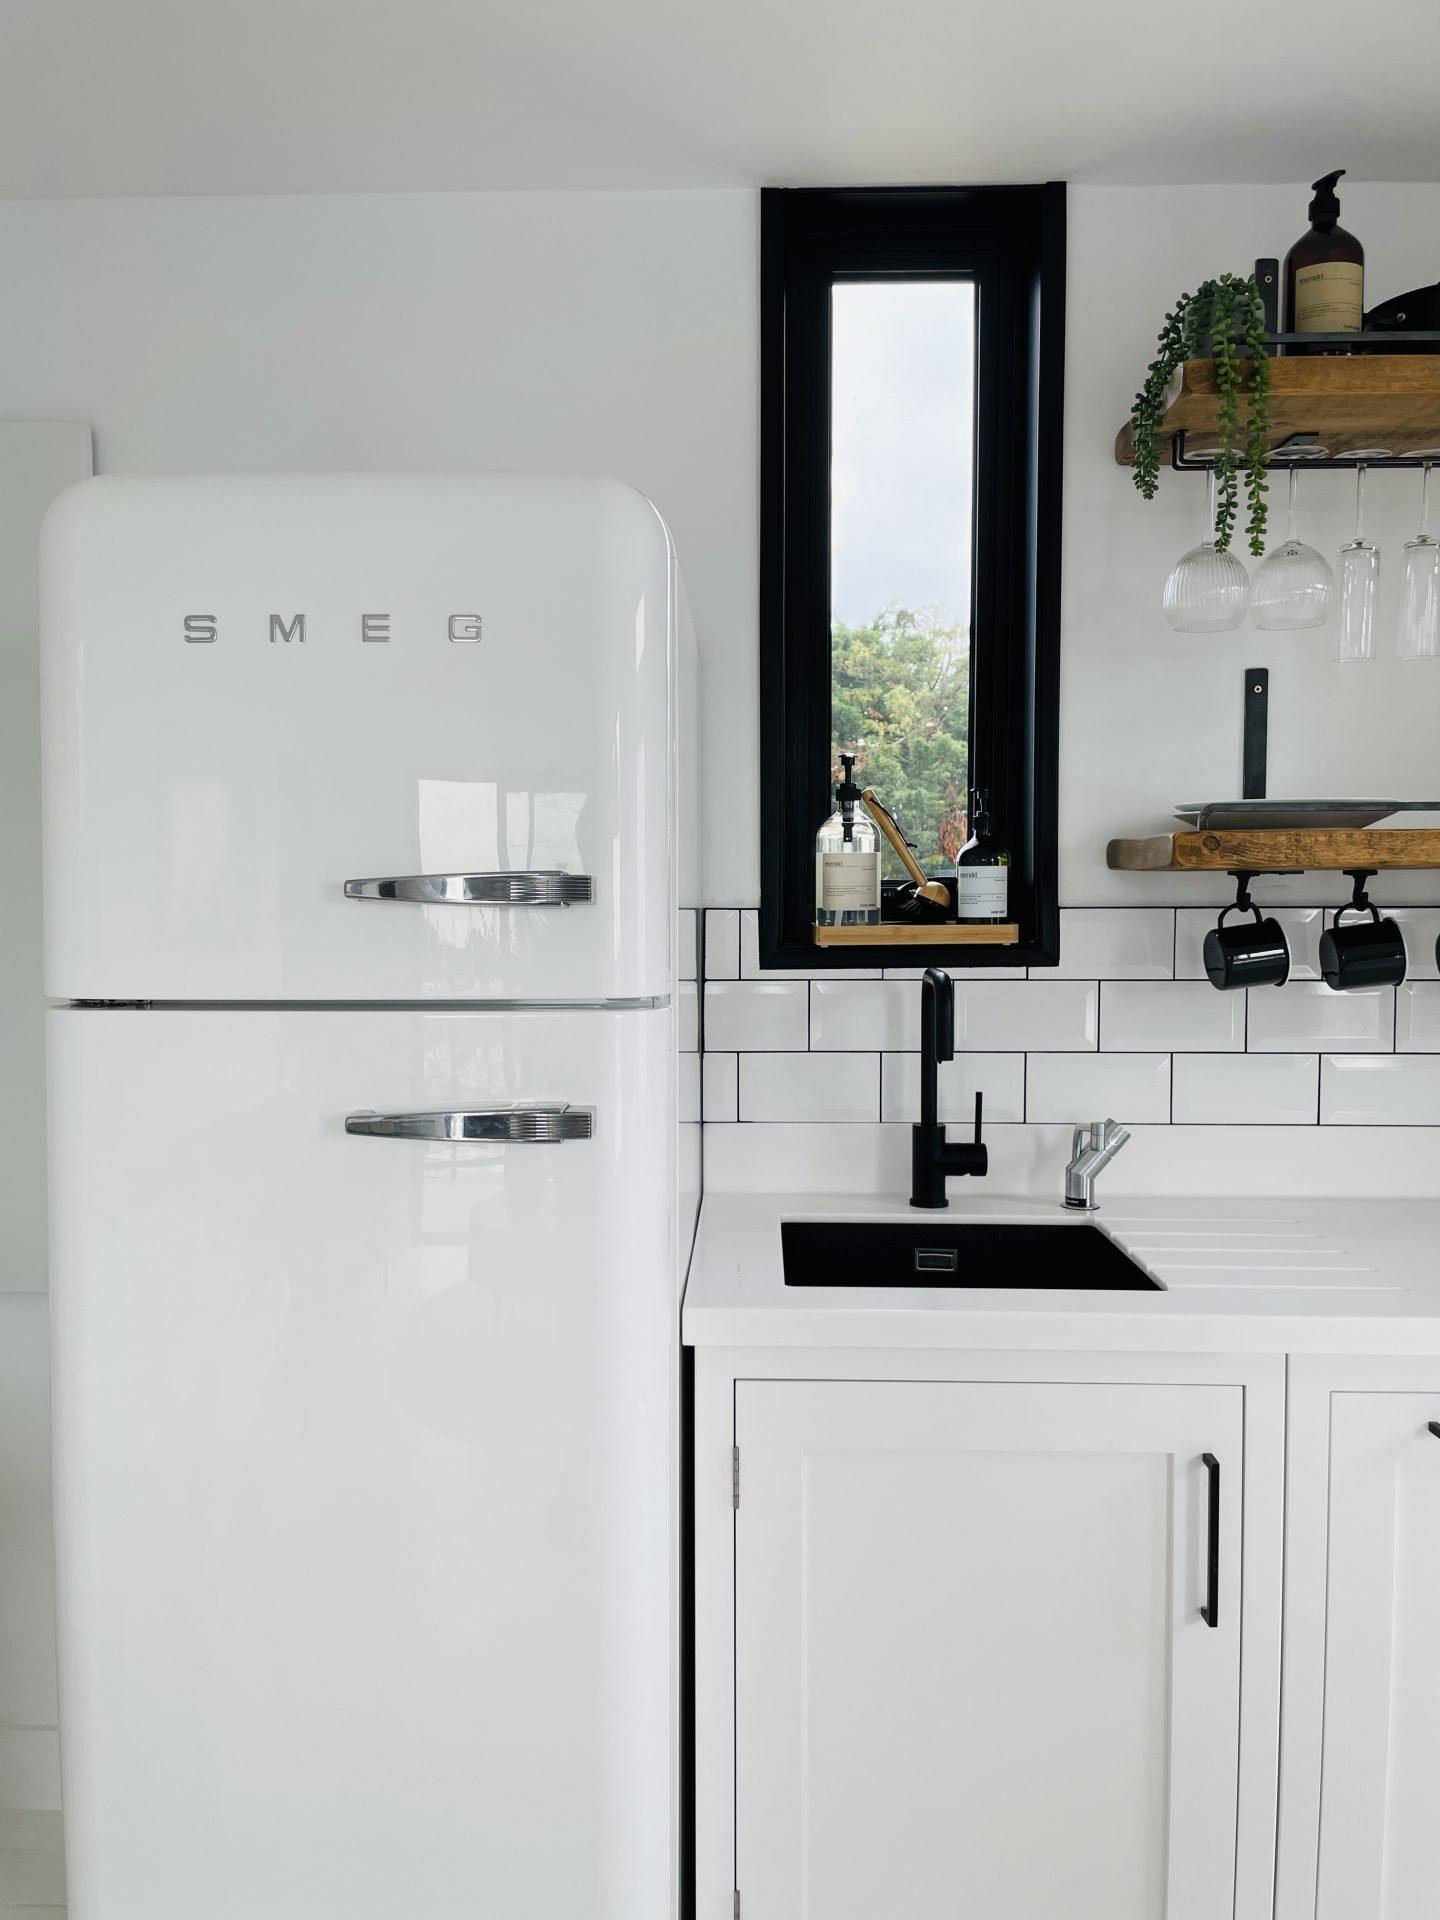 White kitchen with white Smeg fridge.